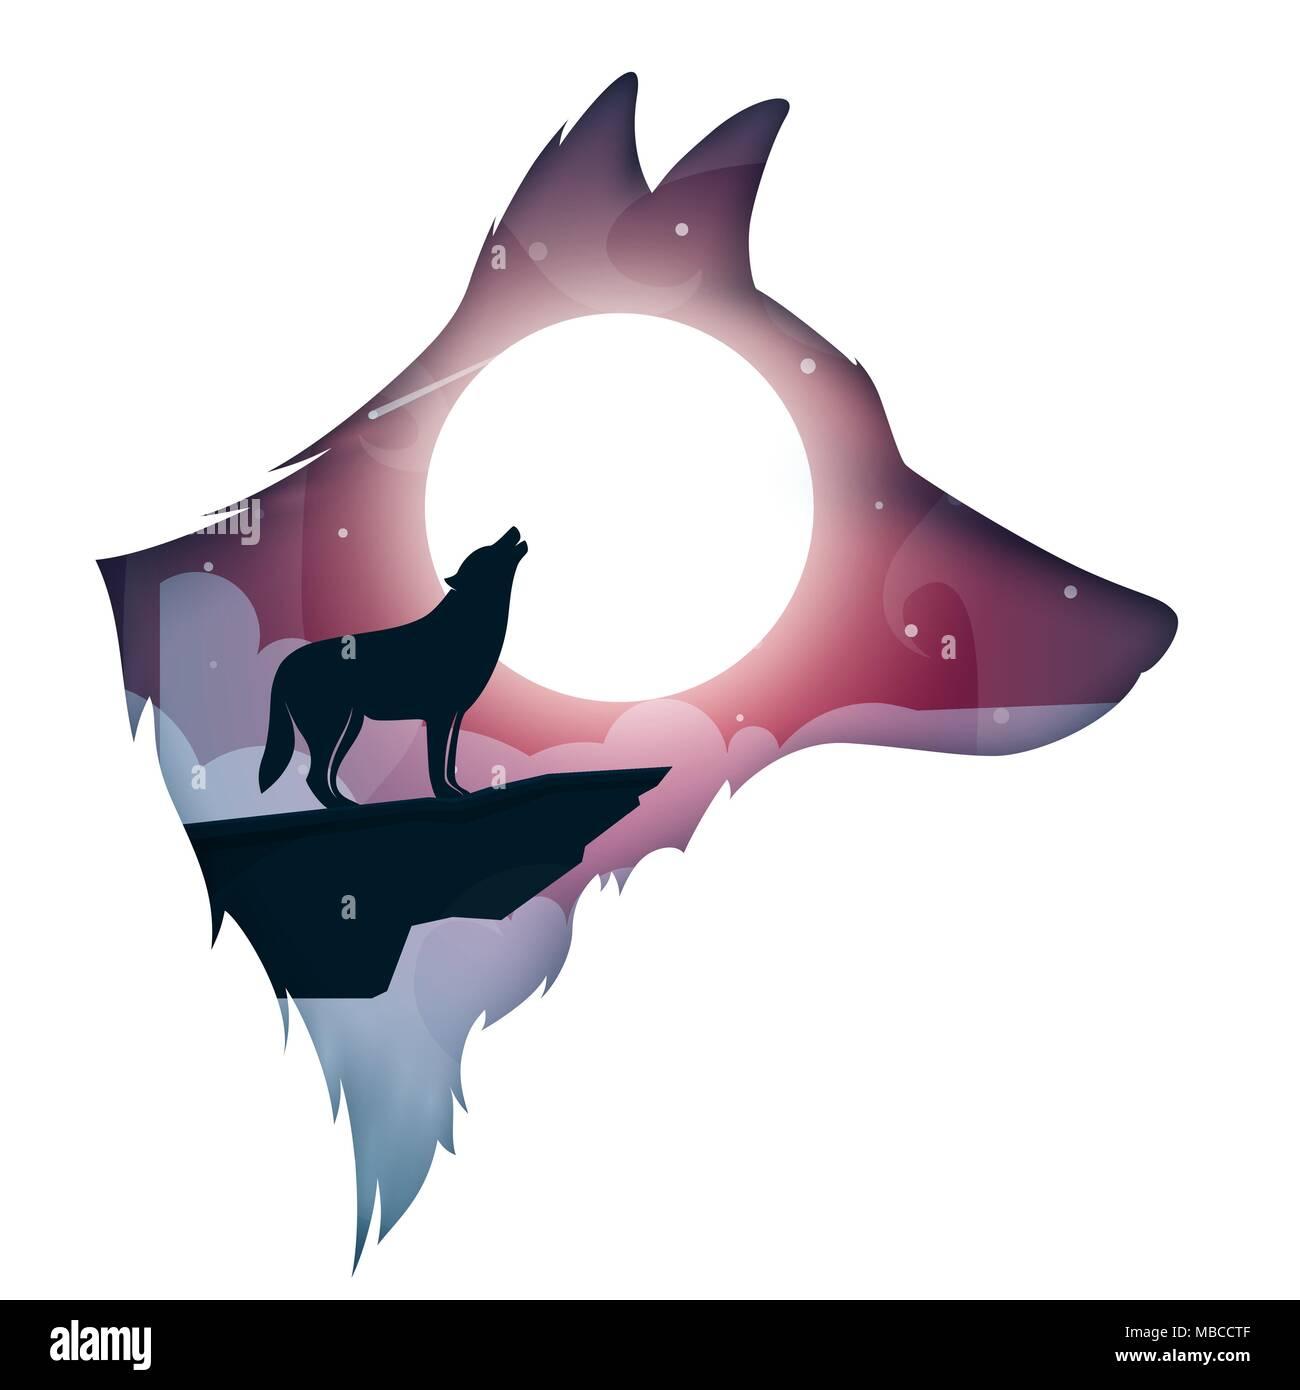 Sheep dog n wolf wikifur